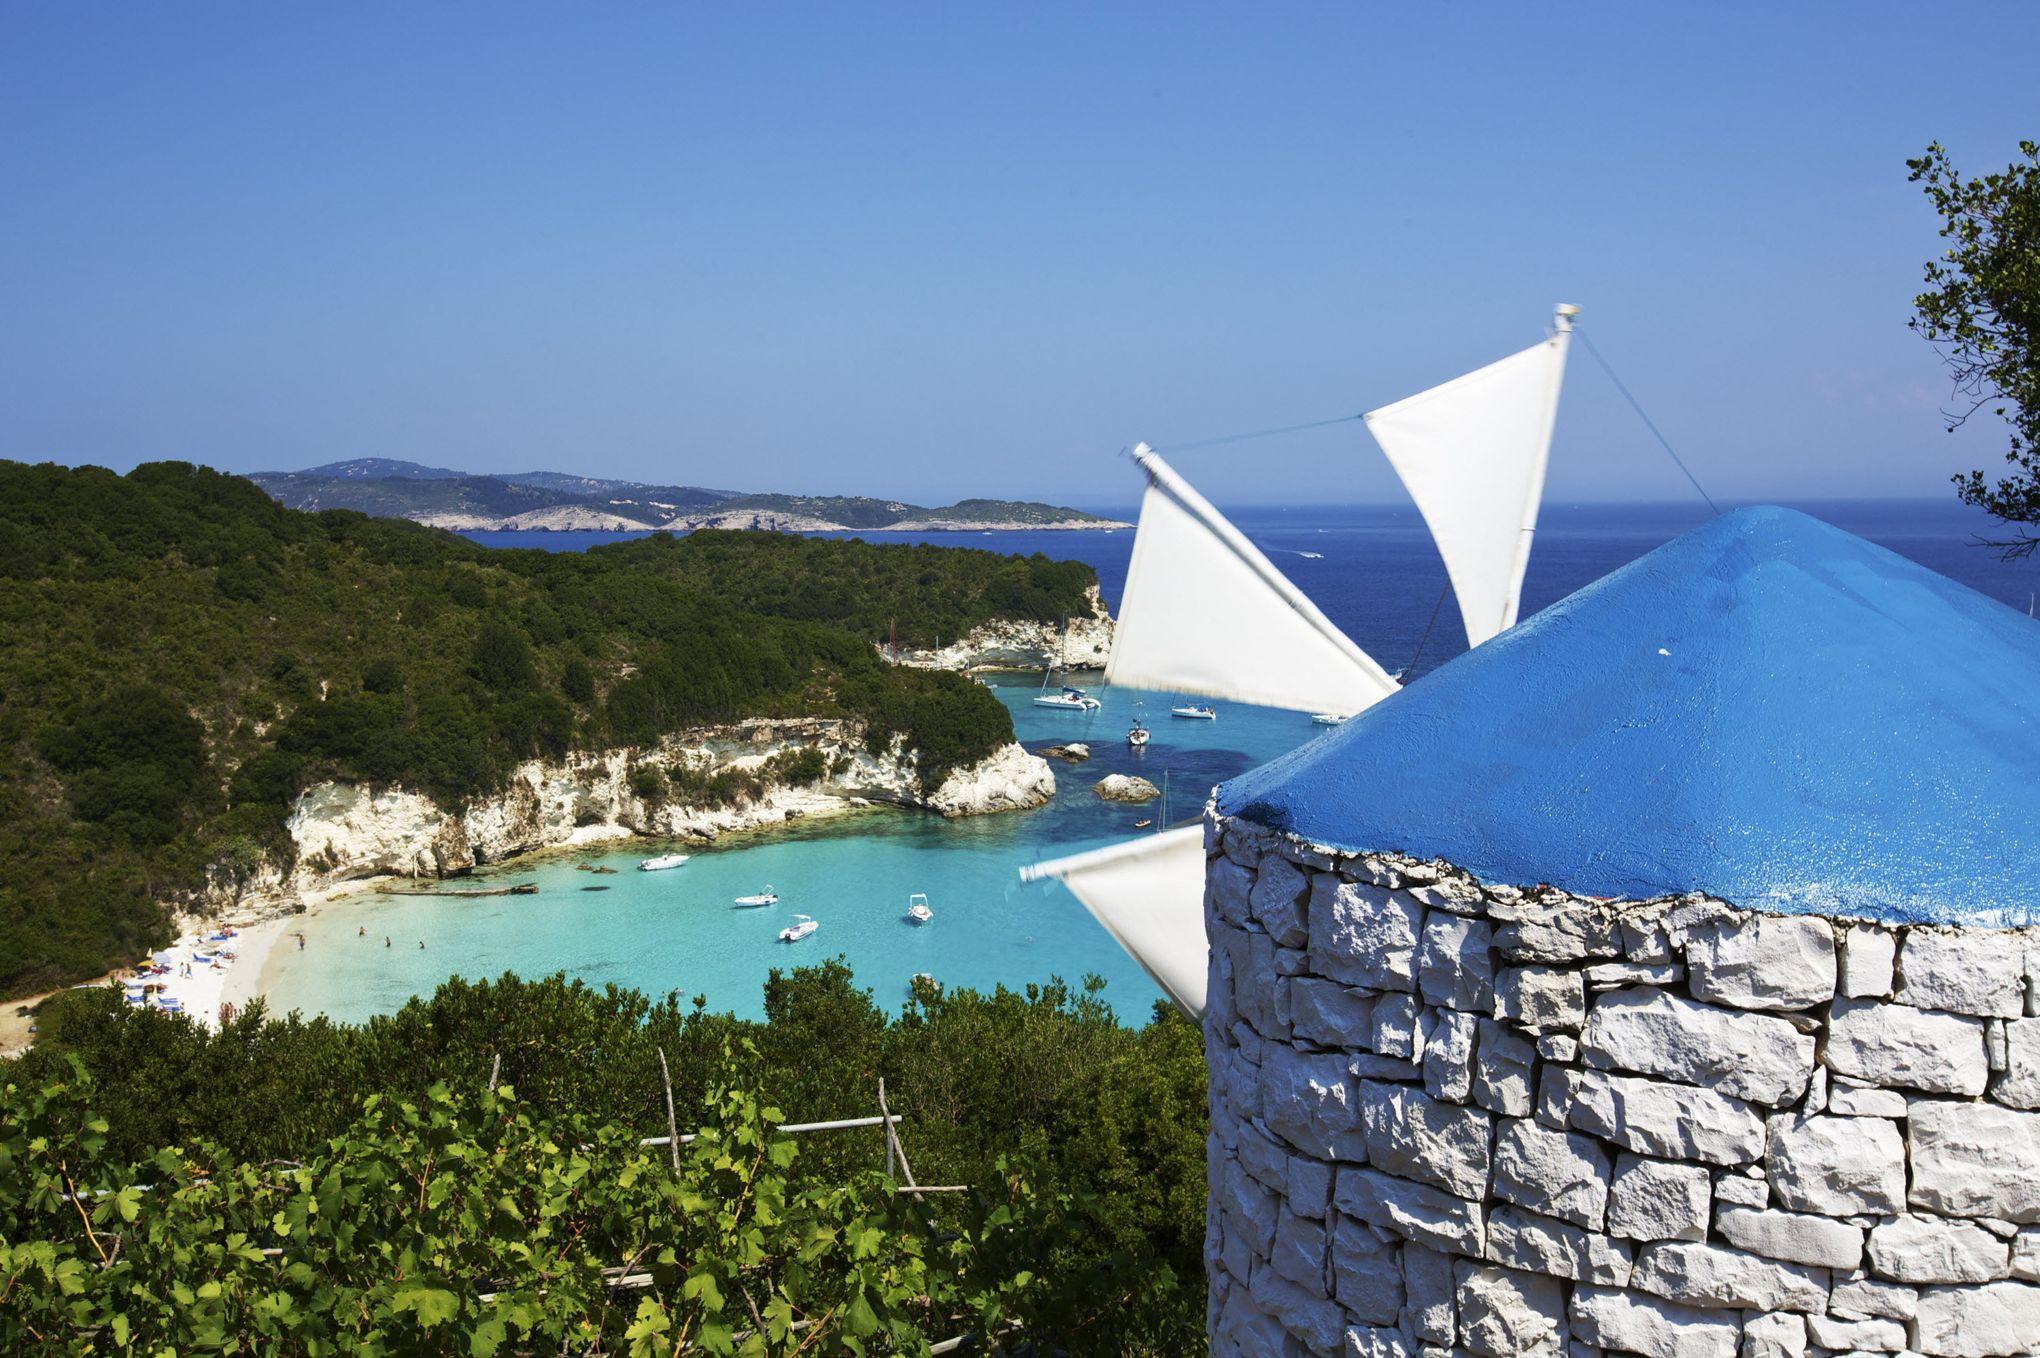 paxos, l'île grecque refuge